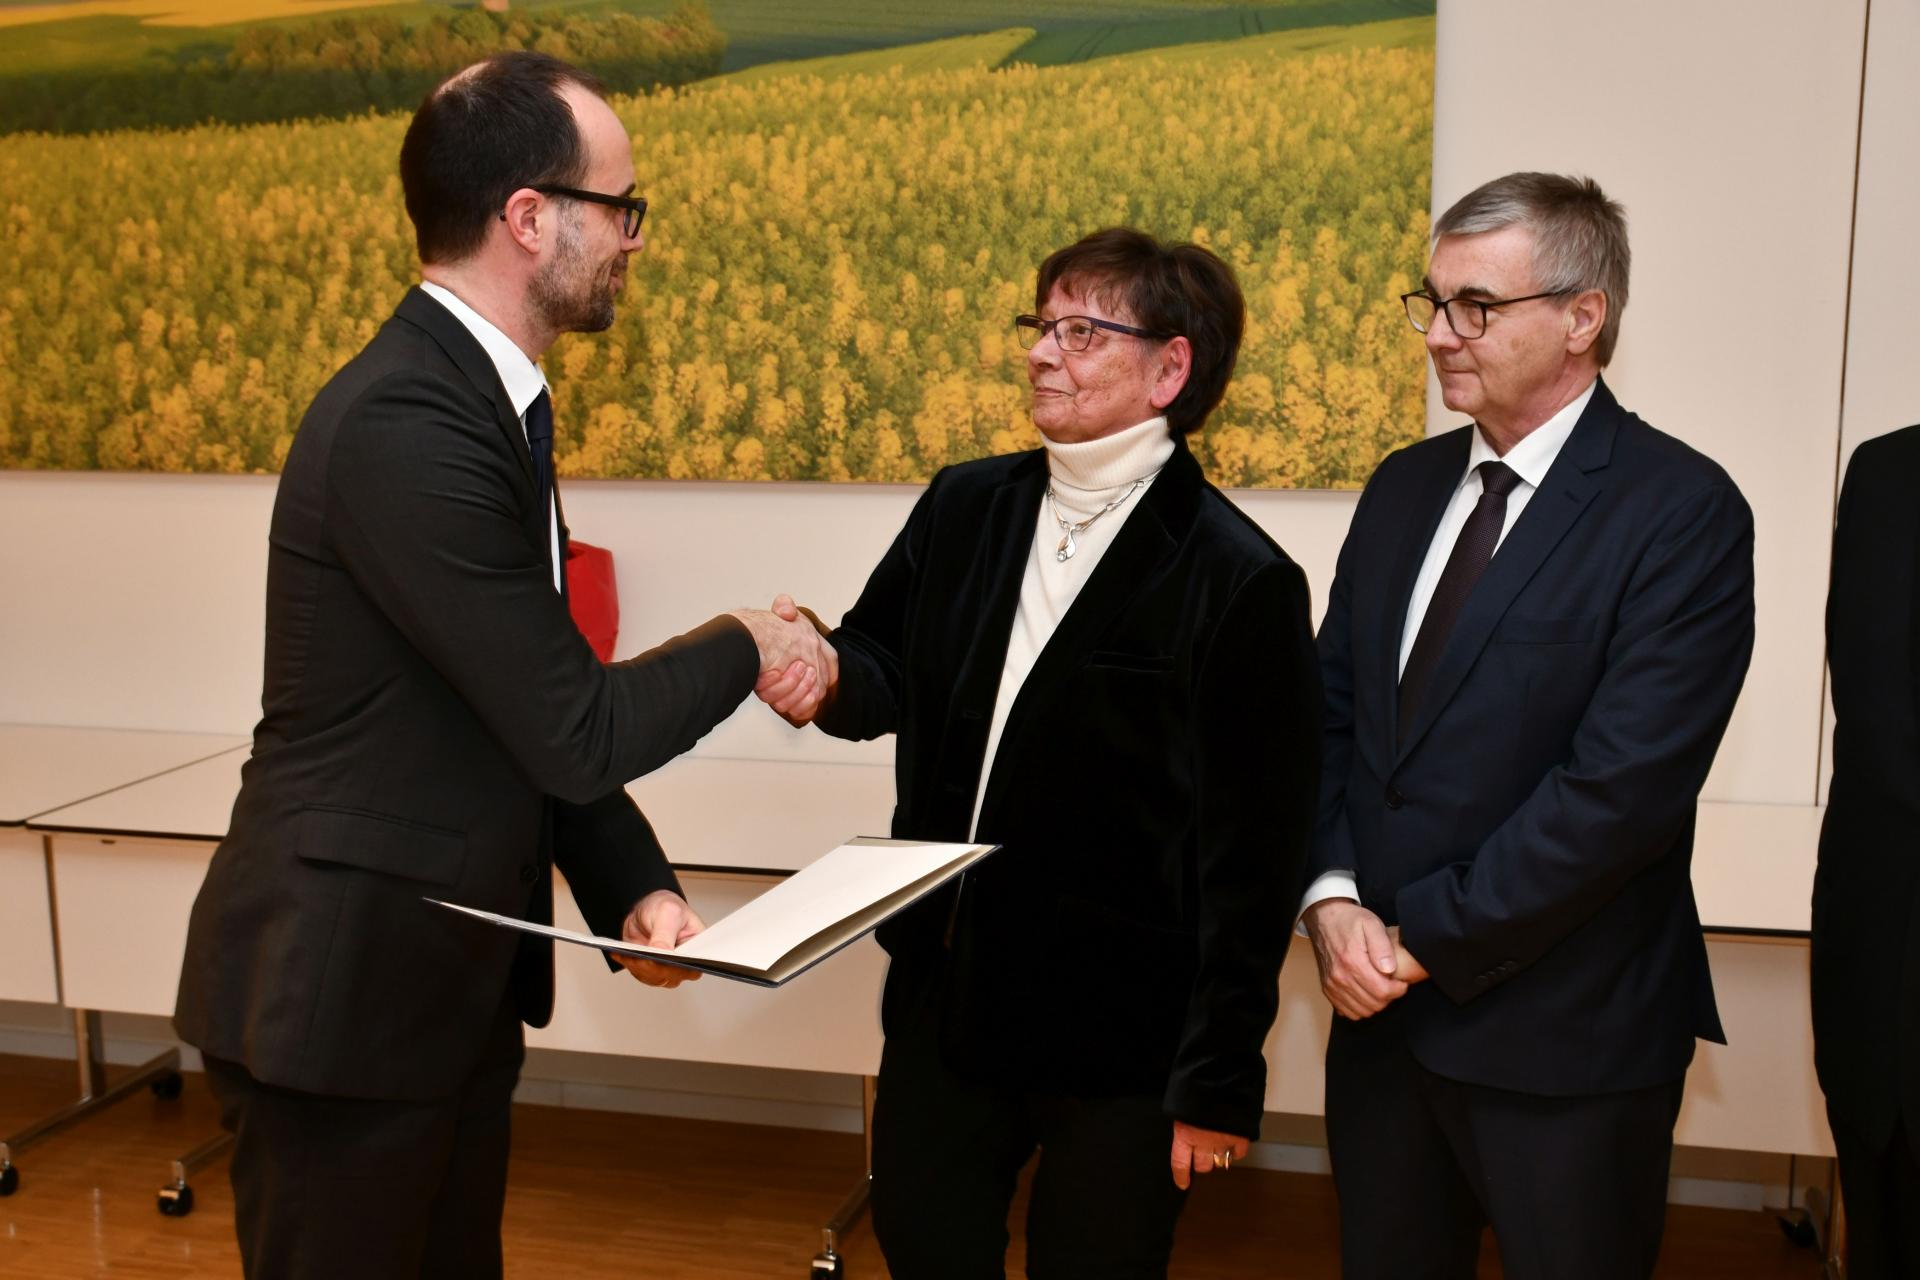 Foto der Galerie: Vorsitzende Hildegard Weber mit der Verdienstmedaille des Landes Rheinland-Pfalz ausgezeichnet